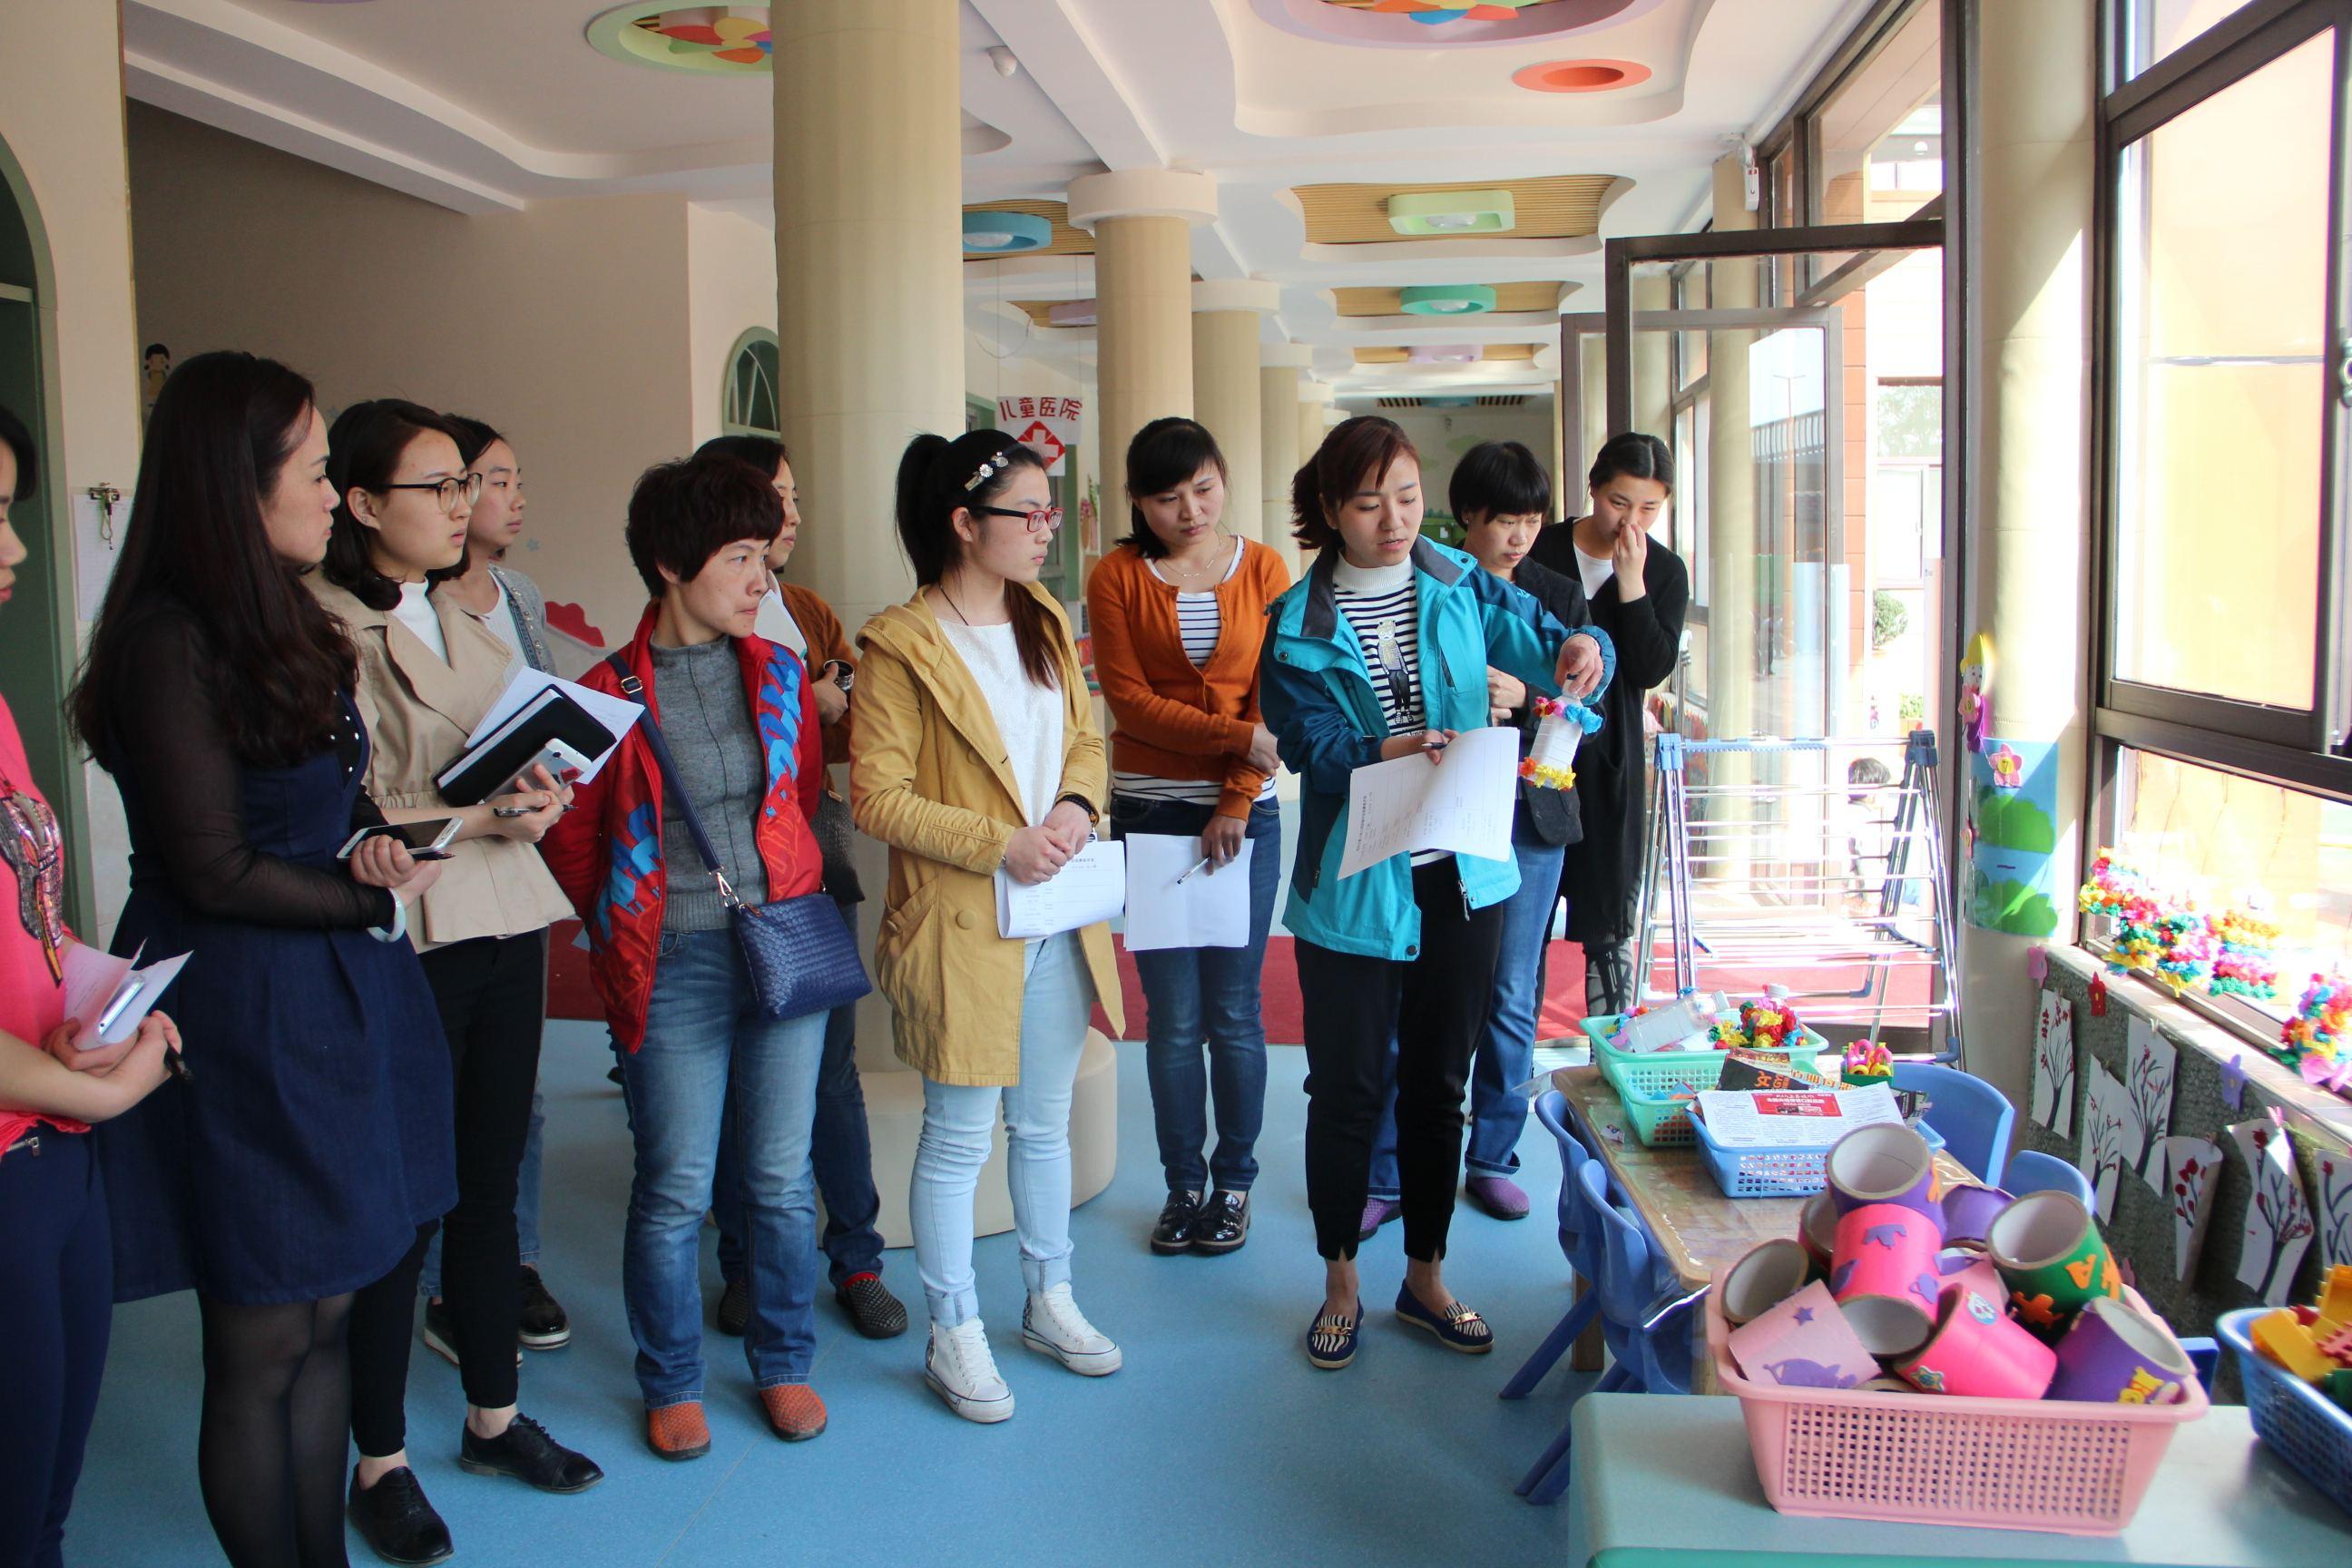 【开学准备】园长指导幼儿教师的八个步骤,实用有效!